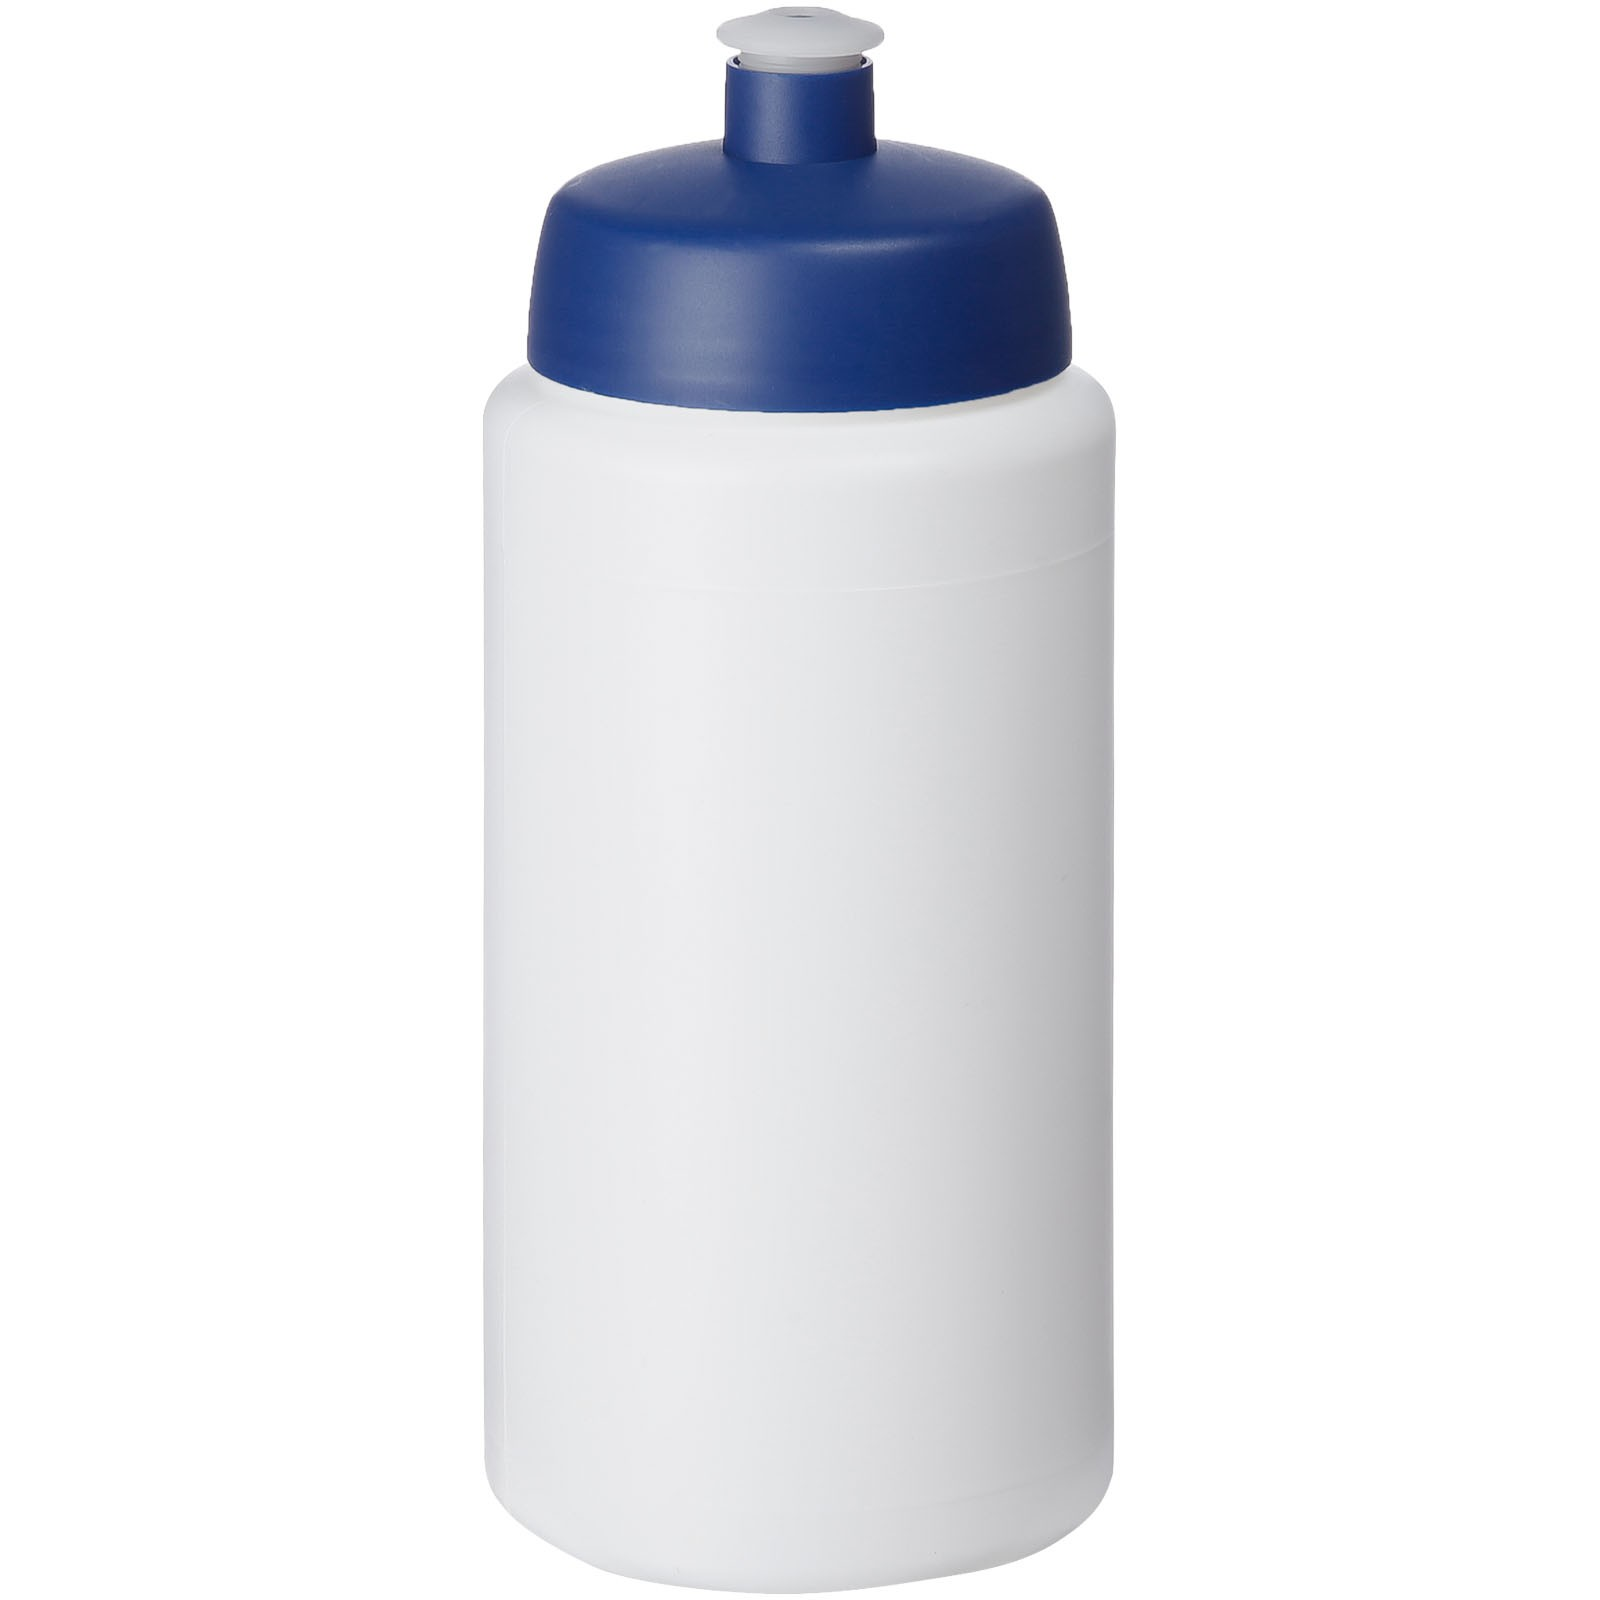 Baseline® Plus grip 500 ml sportovní lahev s víčkem na sport - Bílá / Modrá